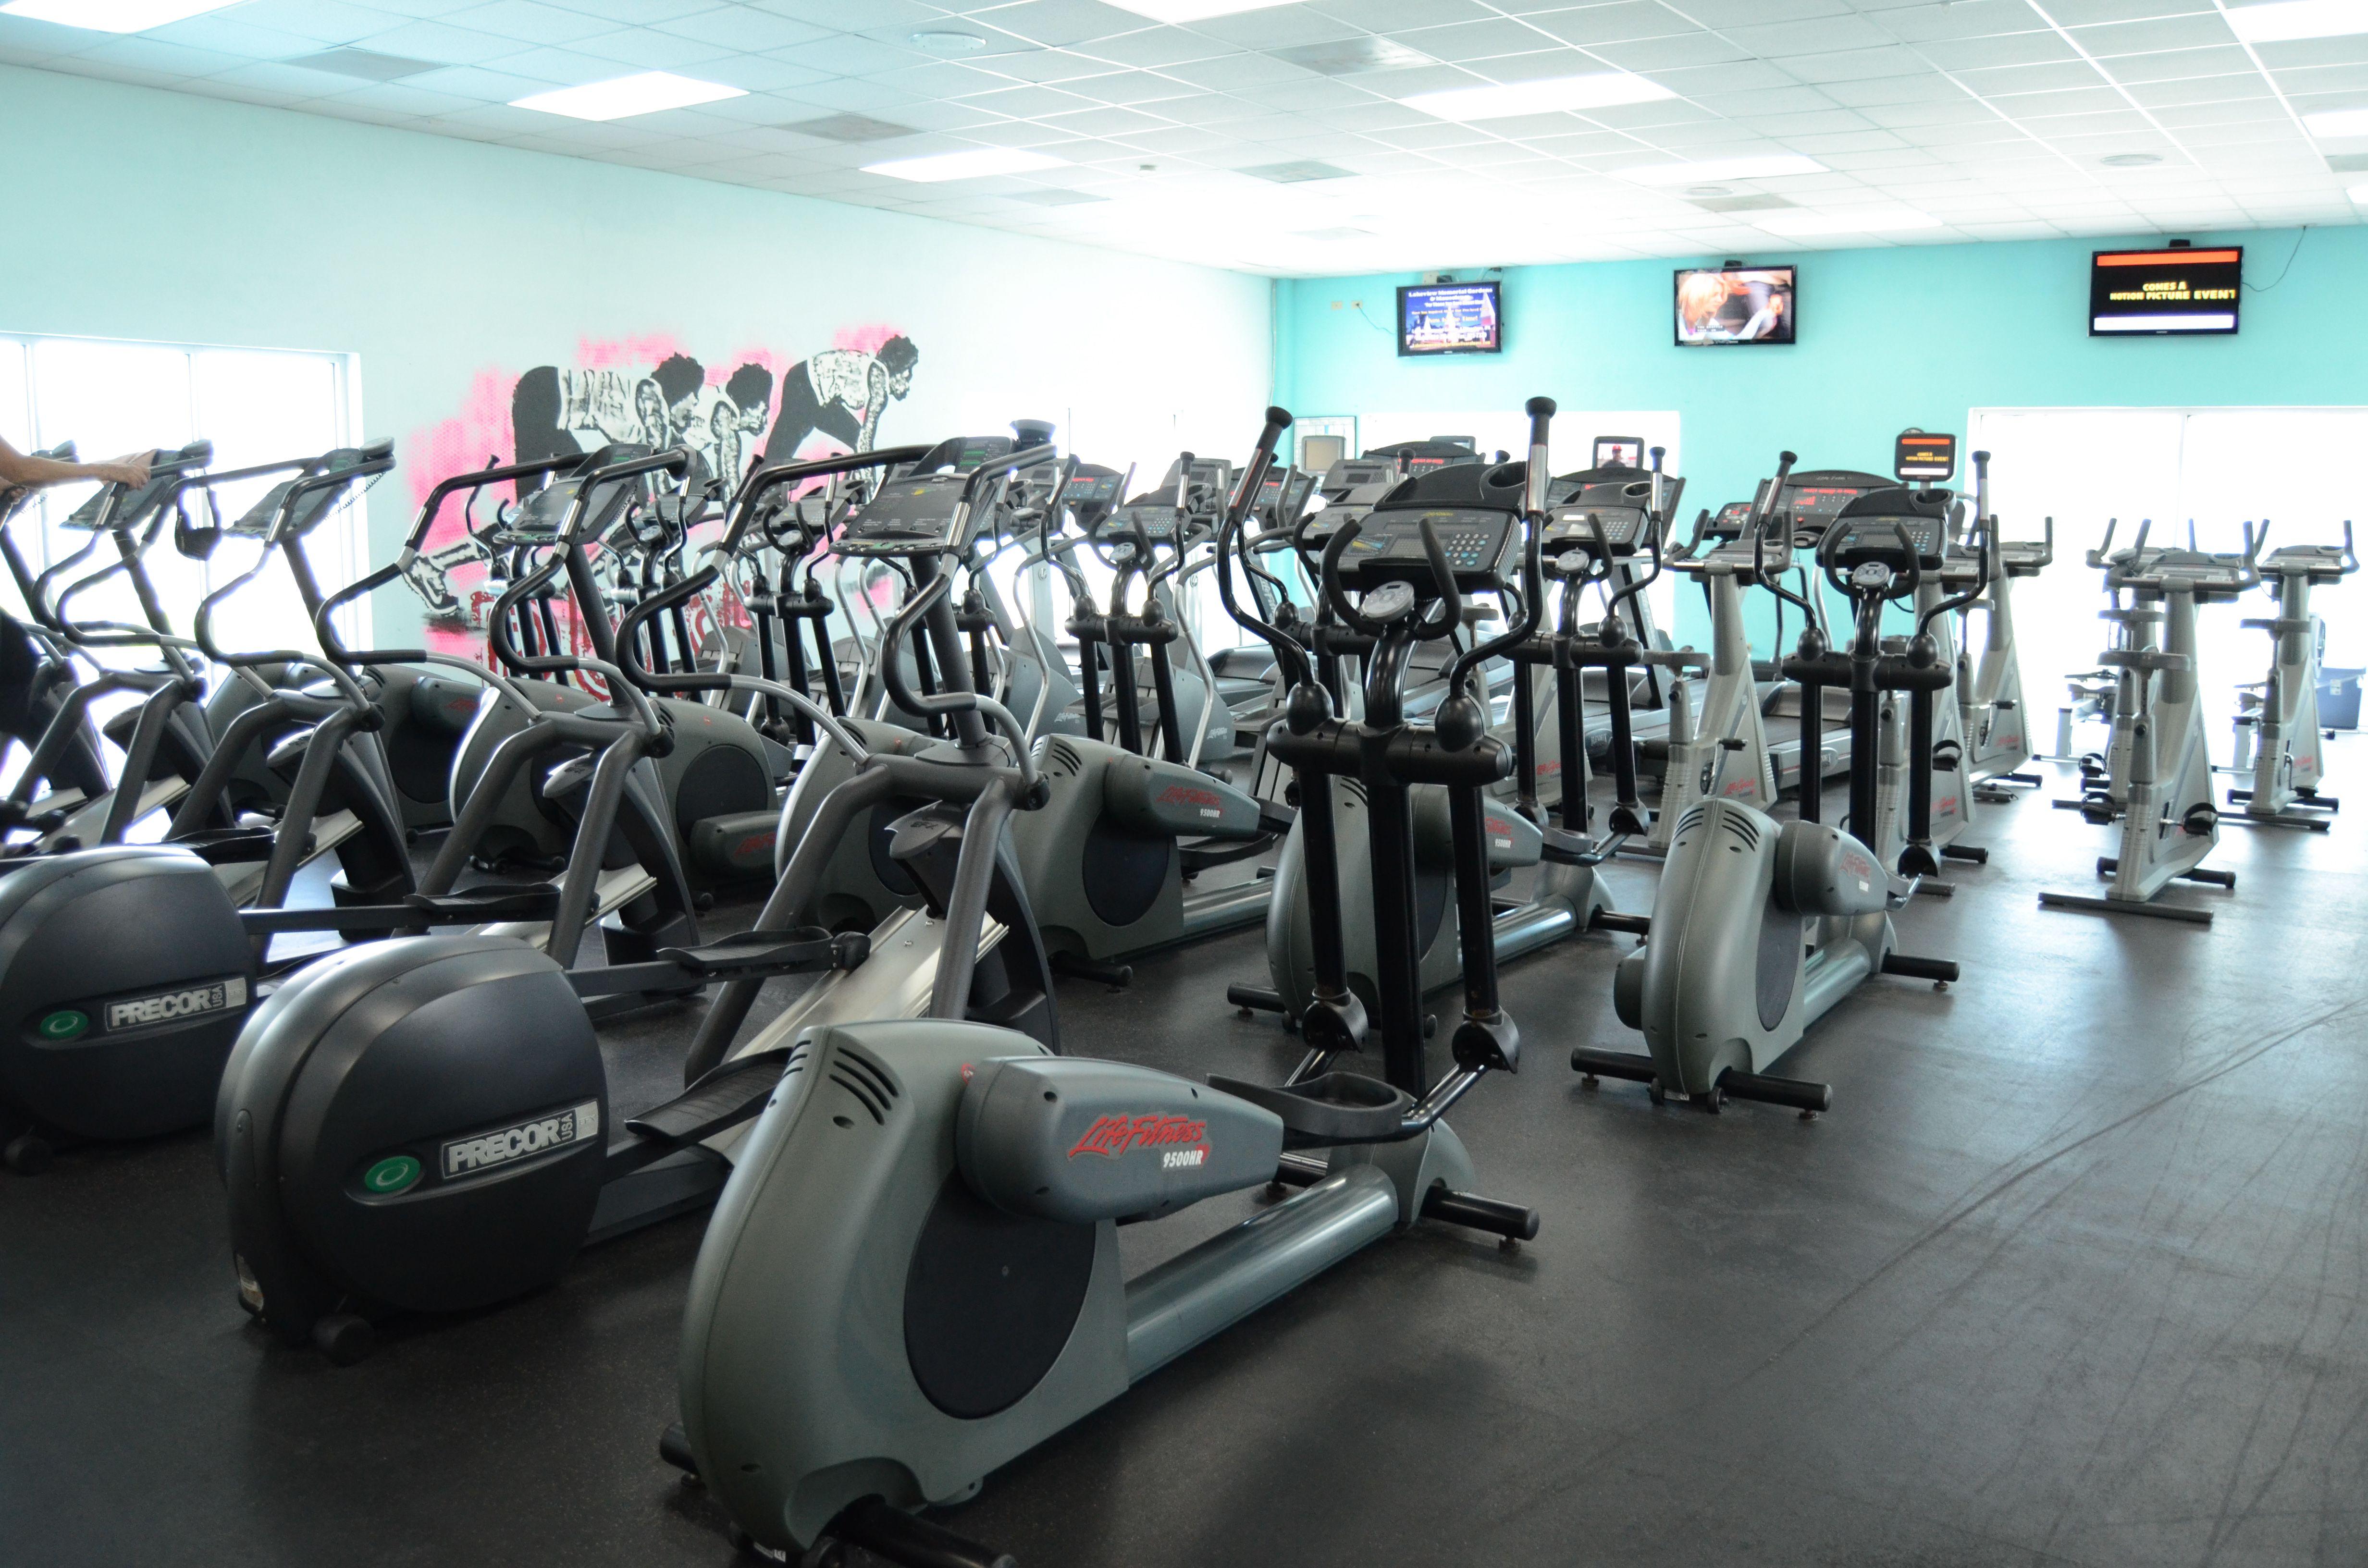 We Cardio Clubone Bahamas Cardio Bahamas Stationary Bike